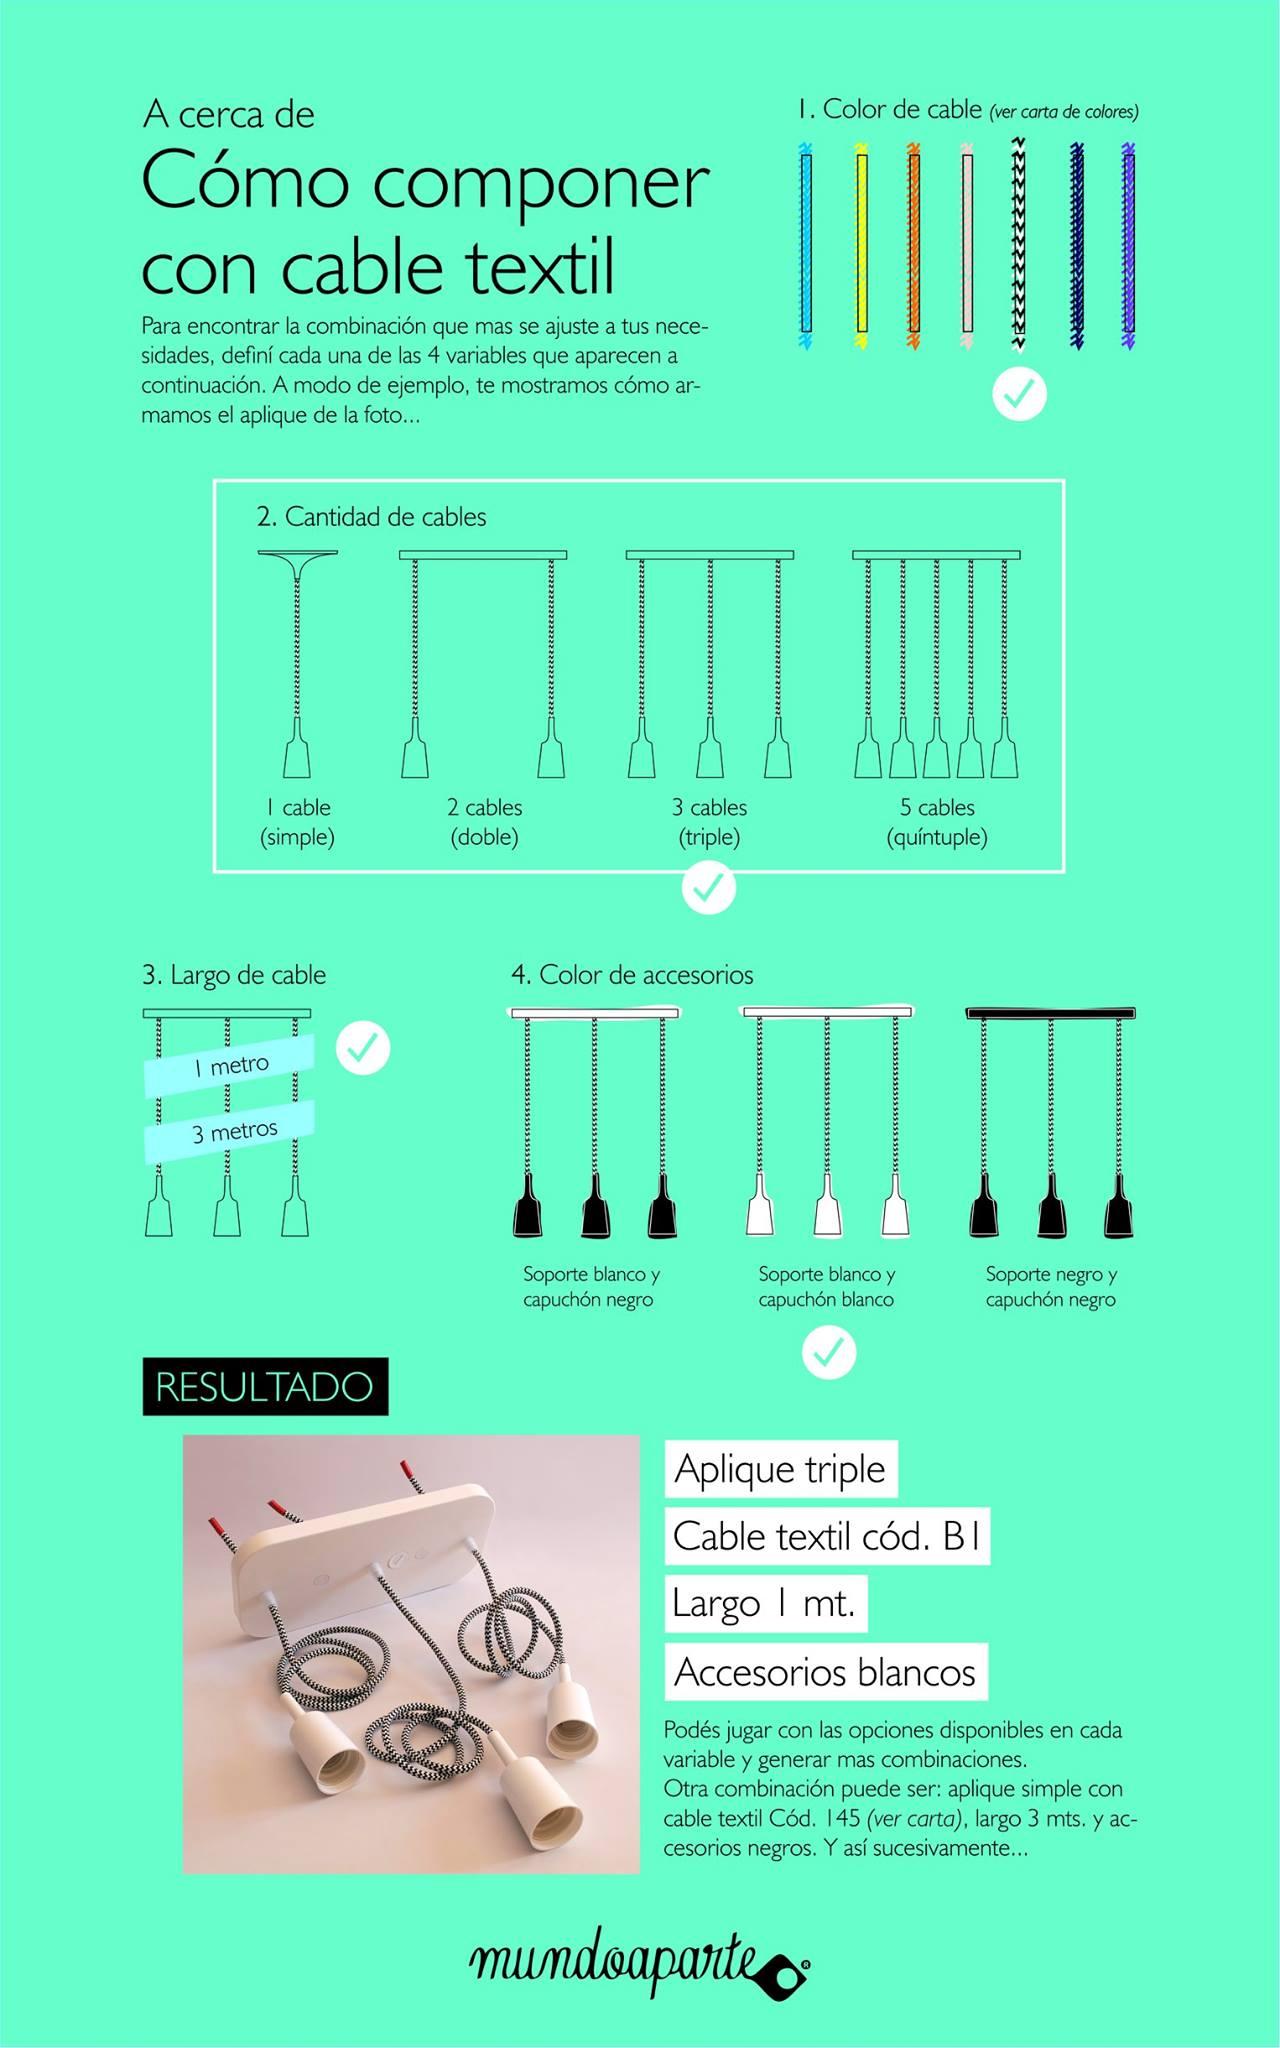 Cómo componer con cable textil